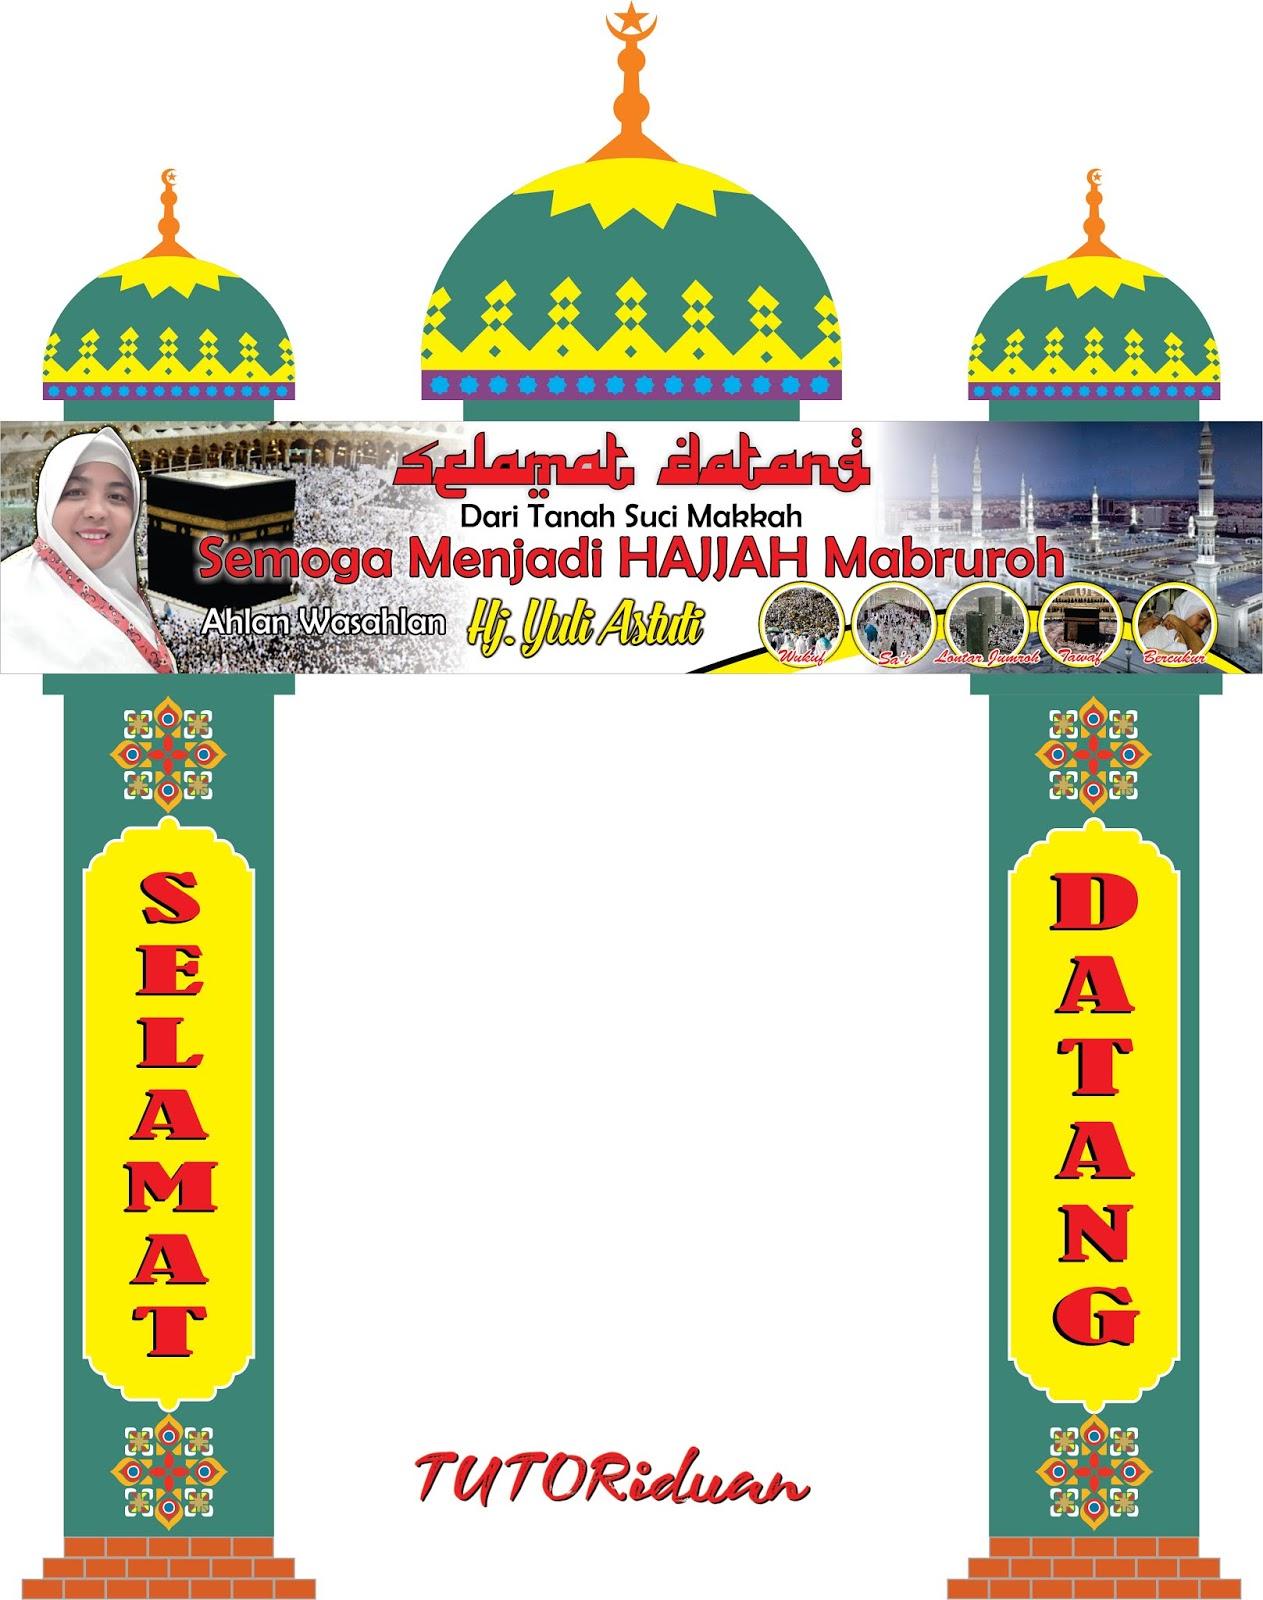 Banner Haji Format Cdr : banner, format, Desain, Gapura, Ukuran, Dengan, CorelDRAW, TUTORiduan.com